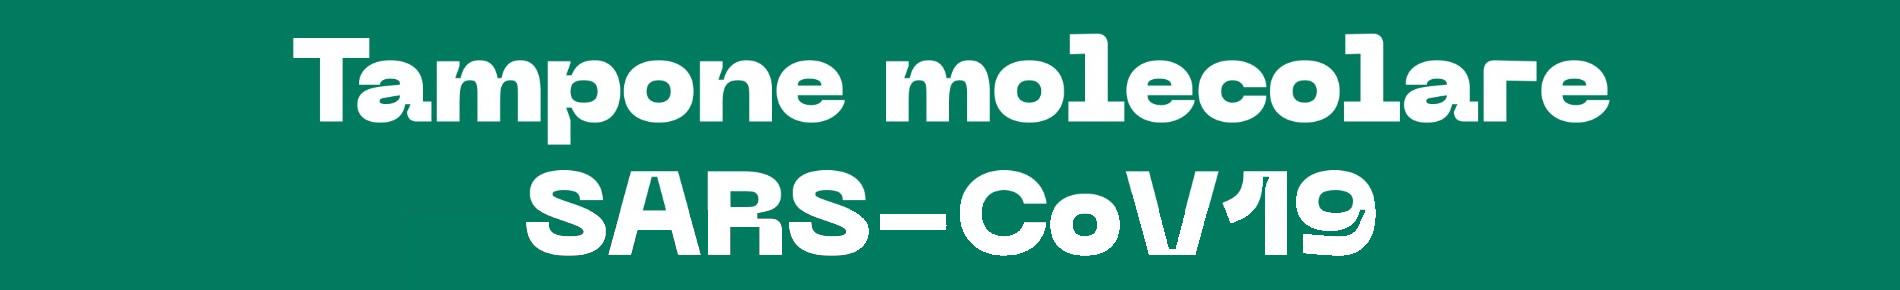 Tampone molecolare SARS CoV-19